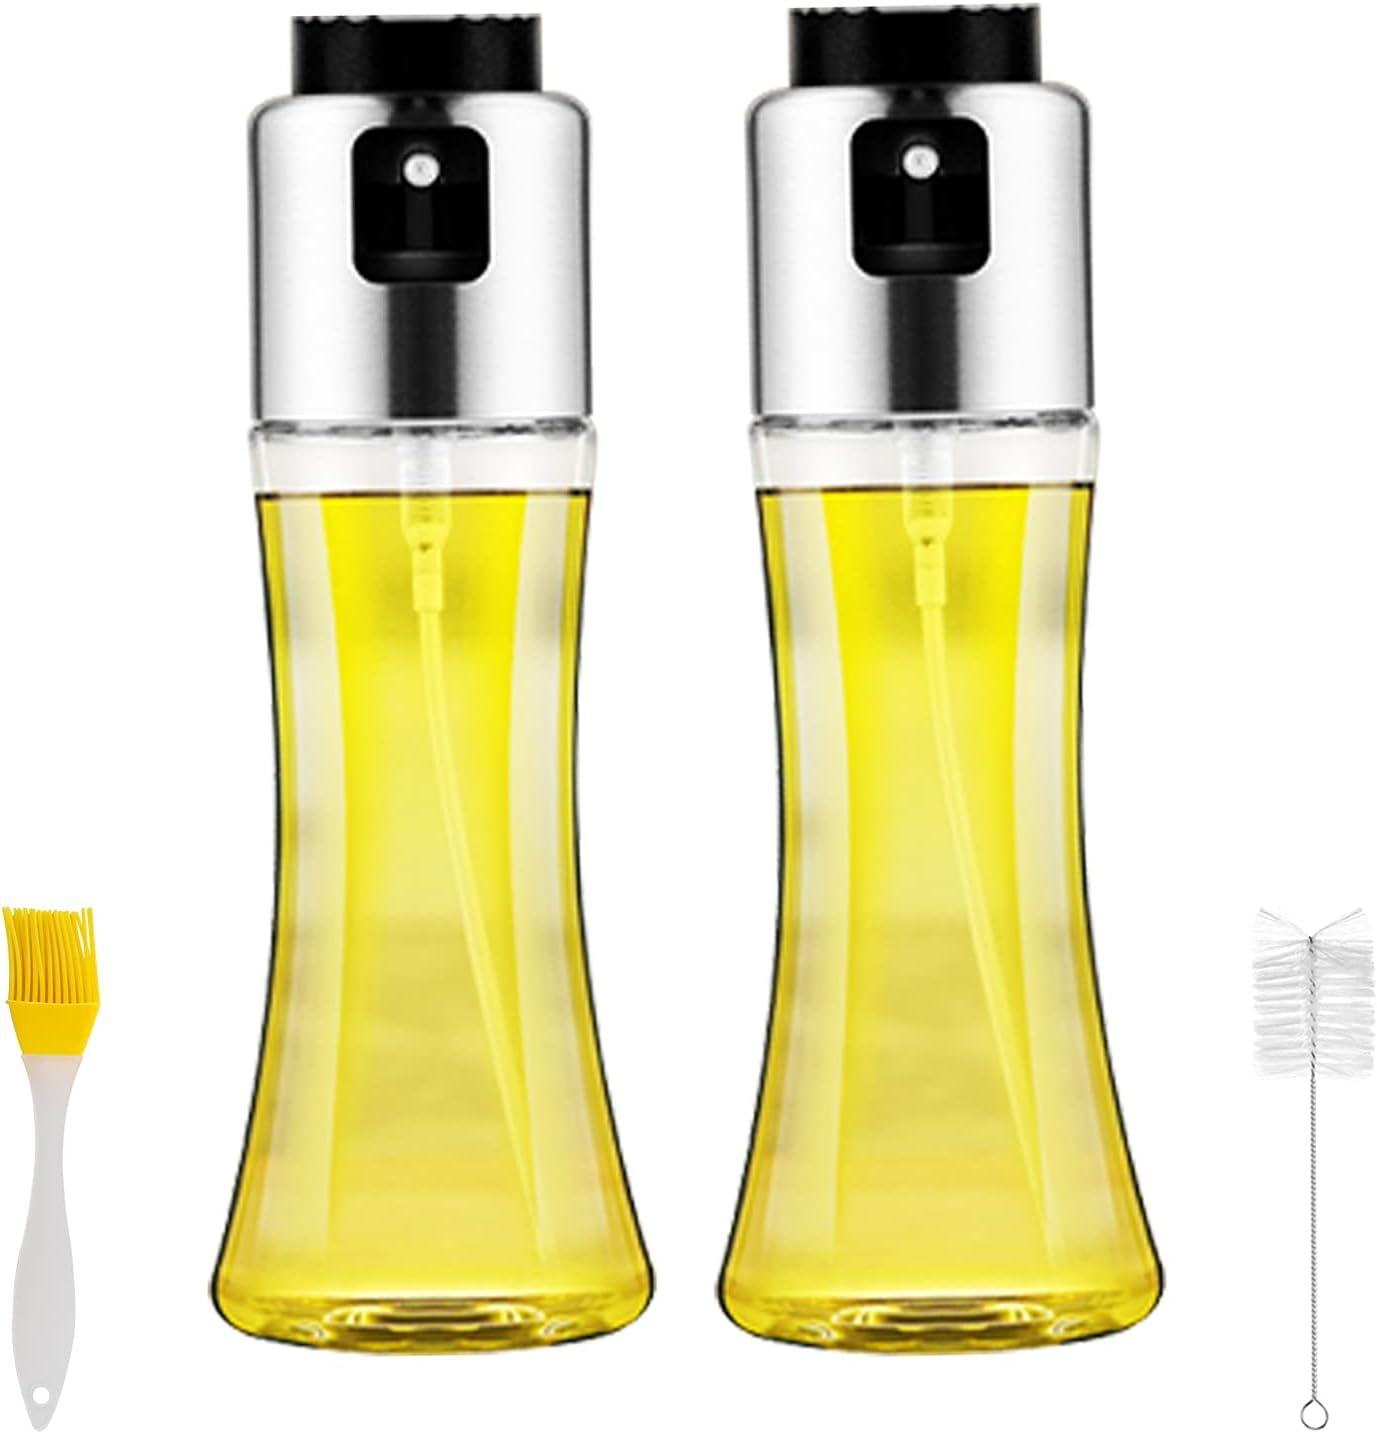 2 Piezas Pulverizador de Aceite, Dispensador de pulverizador de Aceite, Rociador de Aceite, rociador de vinagre, Premium Acero Inoxidable Botella de Vidrio 180 ML para cocinar/Ensalada/Hornear Pan/BBQ